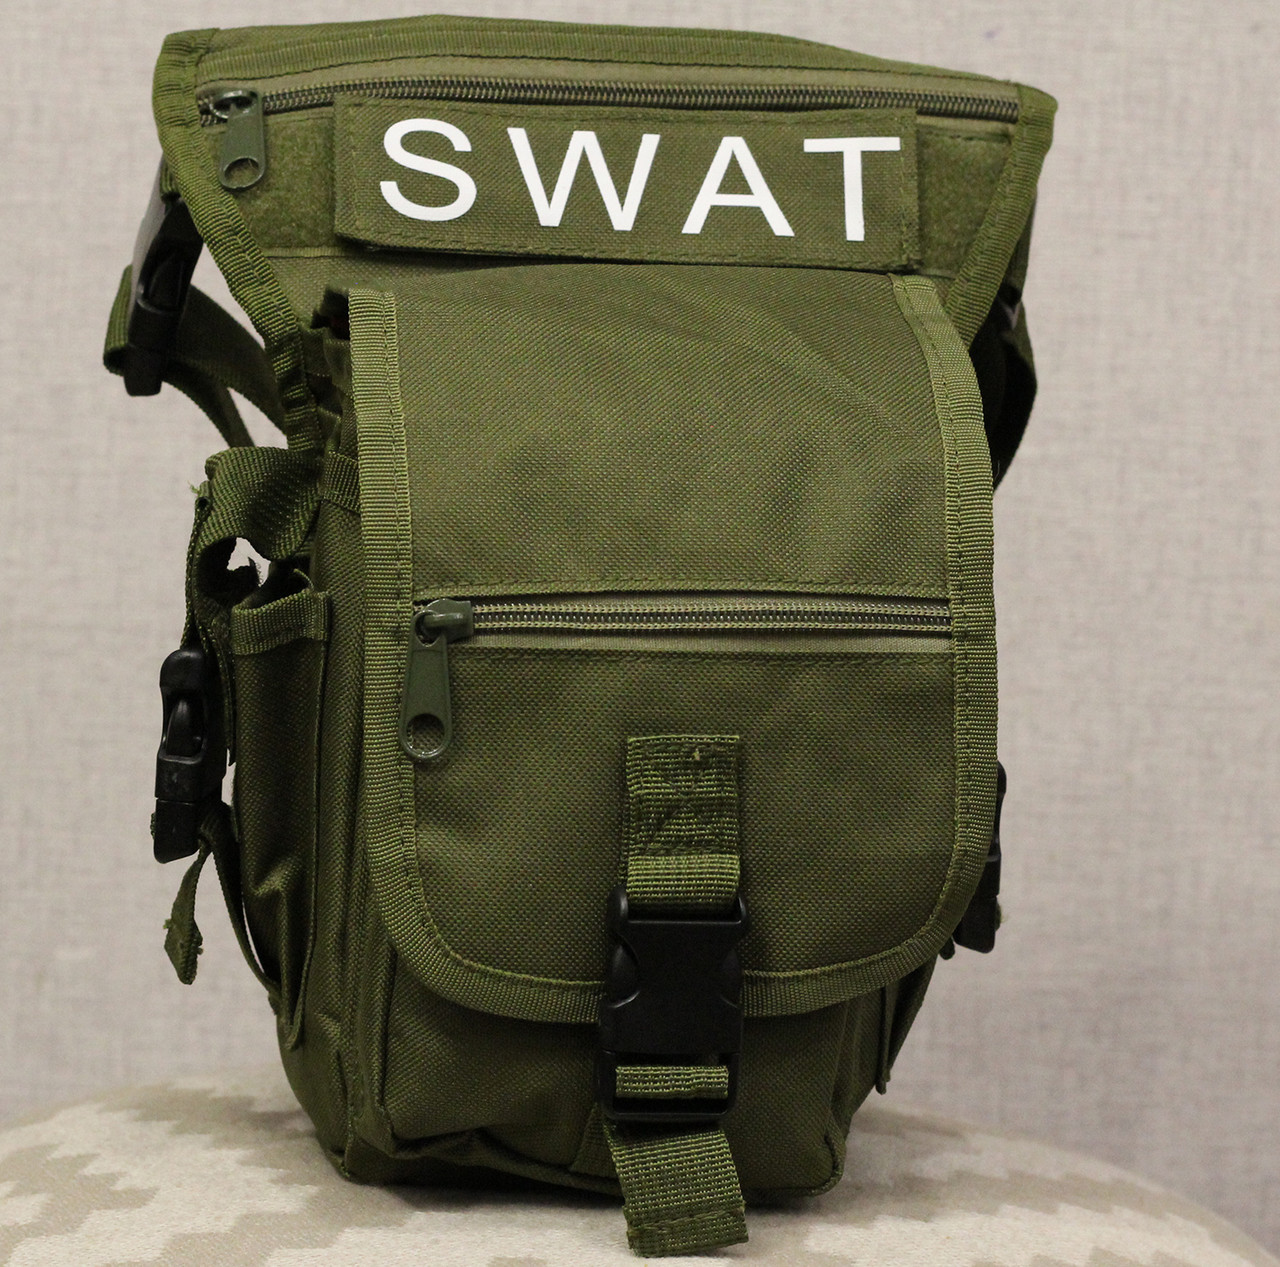 Тактическая универсальная (набедренная) сумка на бедро Swat Olive ( 300-olive)